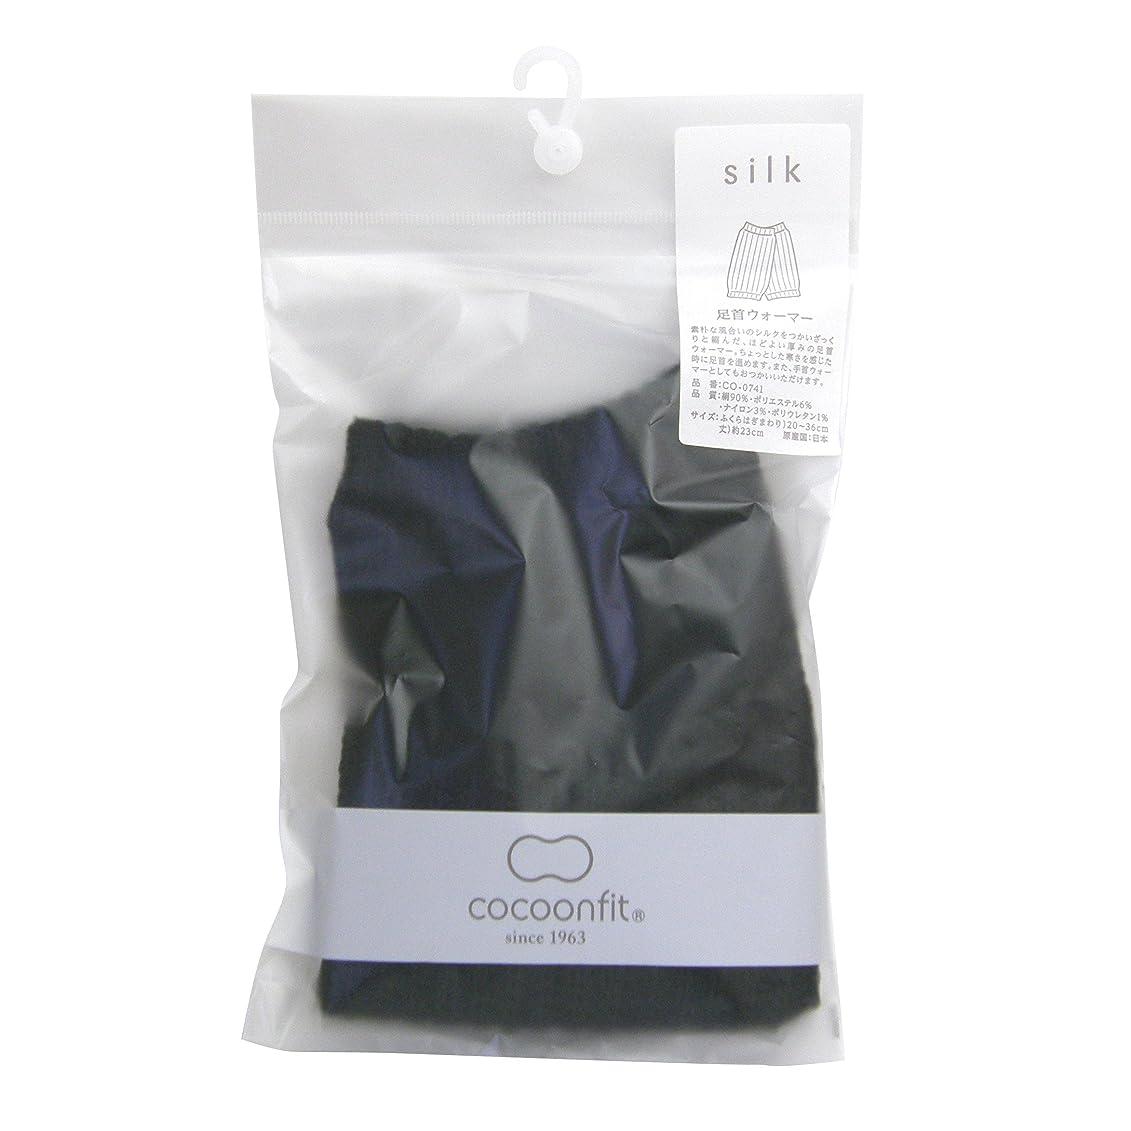 あらゆる種類の気候メーカーコクーンフィット シルク 足首ウォーマー CO-0741-07 ブラック